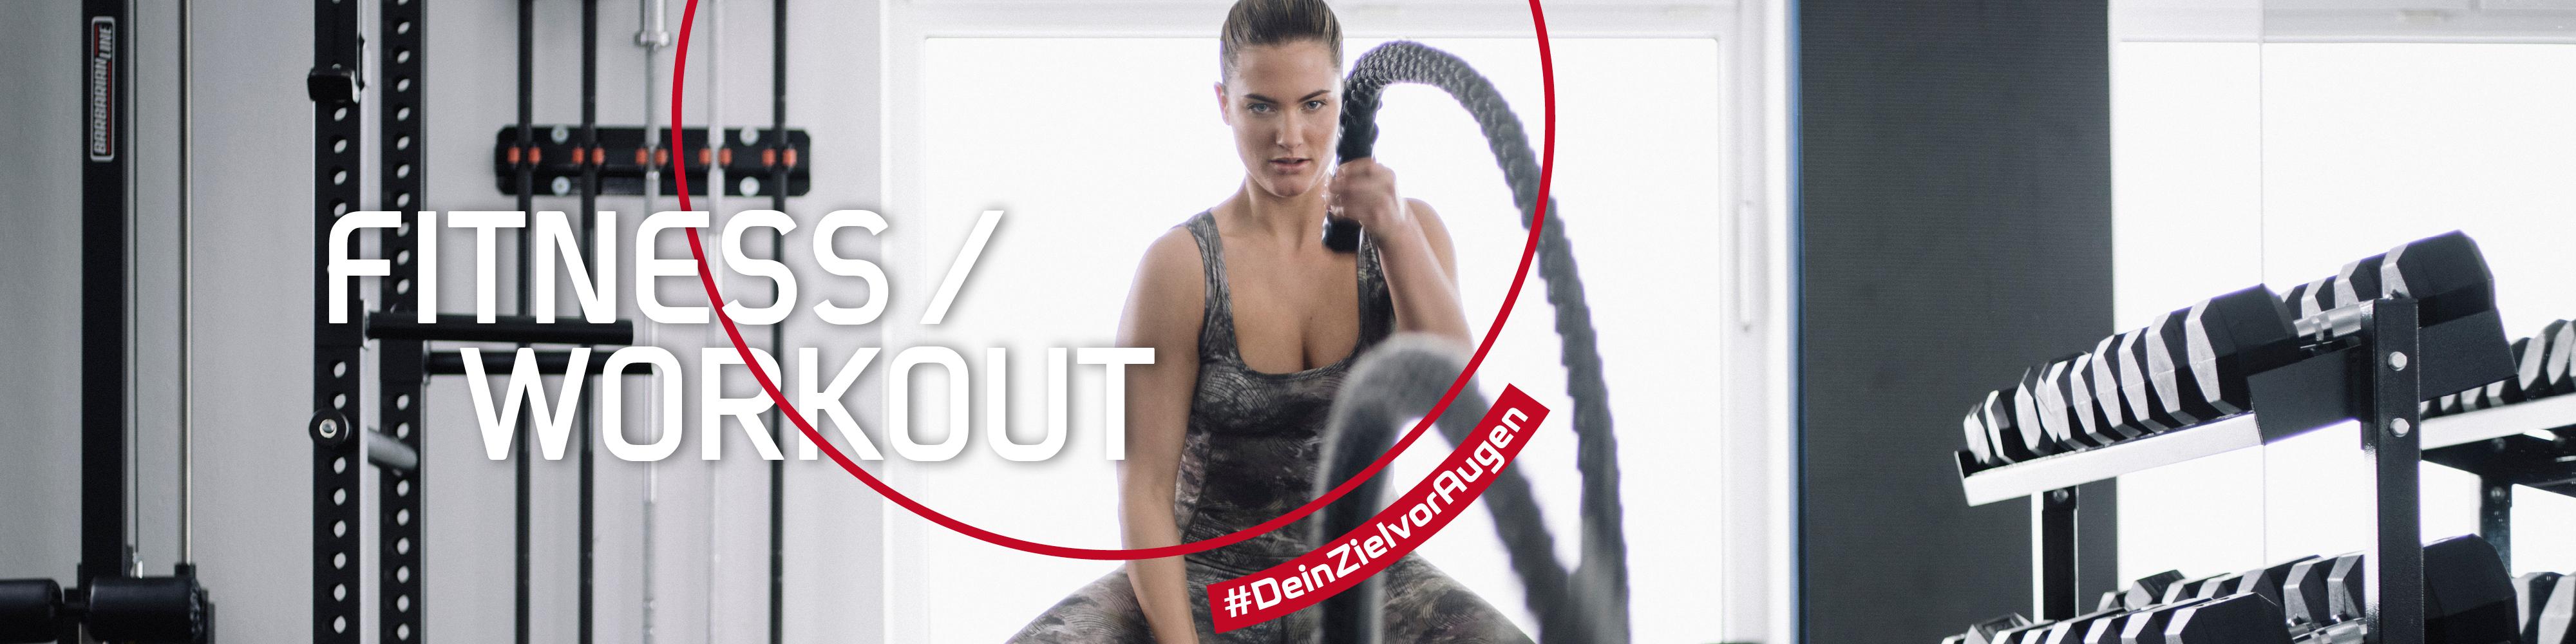 Fitness-Workout-Kategorie